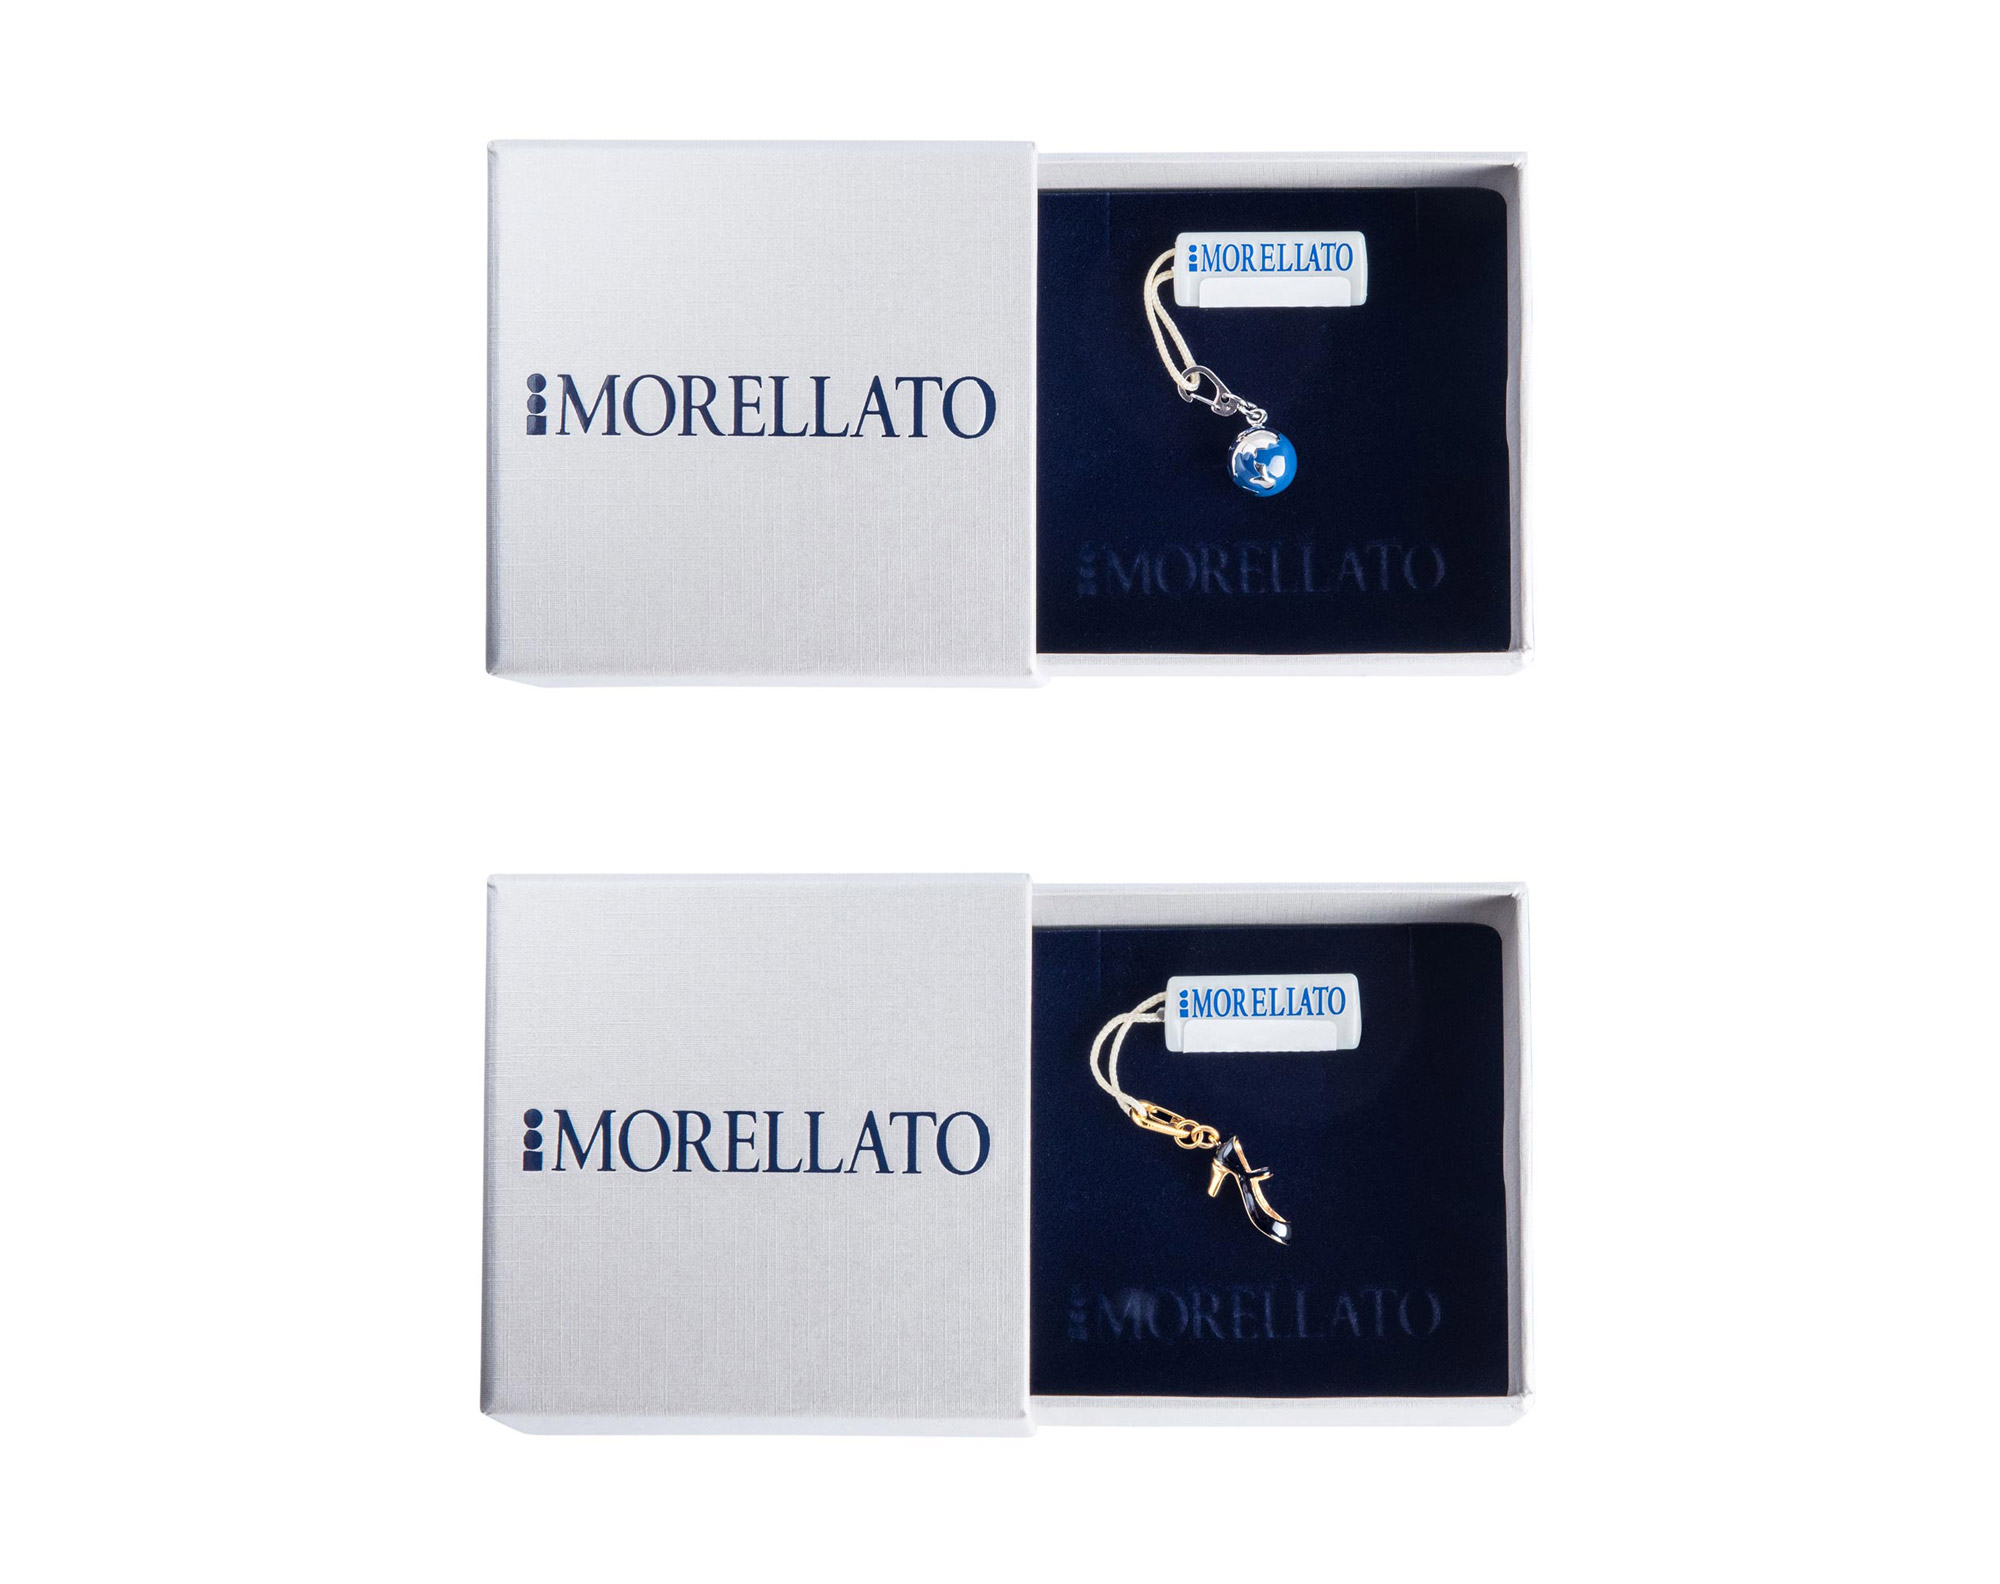 Still life - Morellato - Morellato -